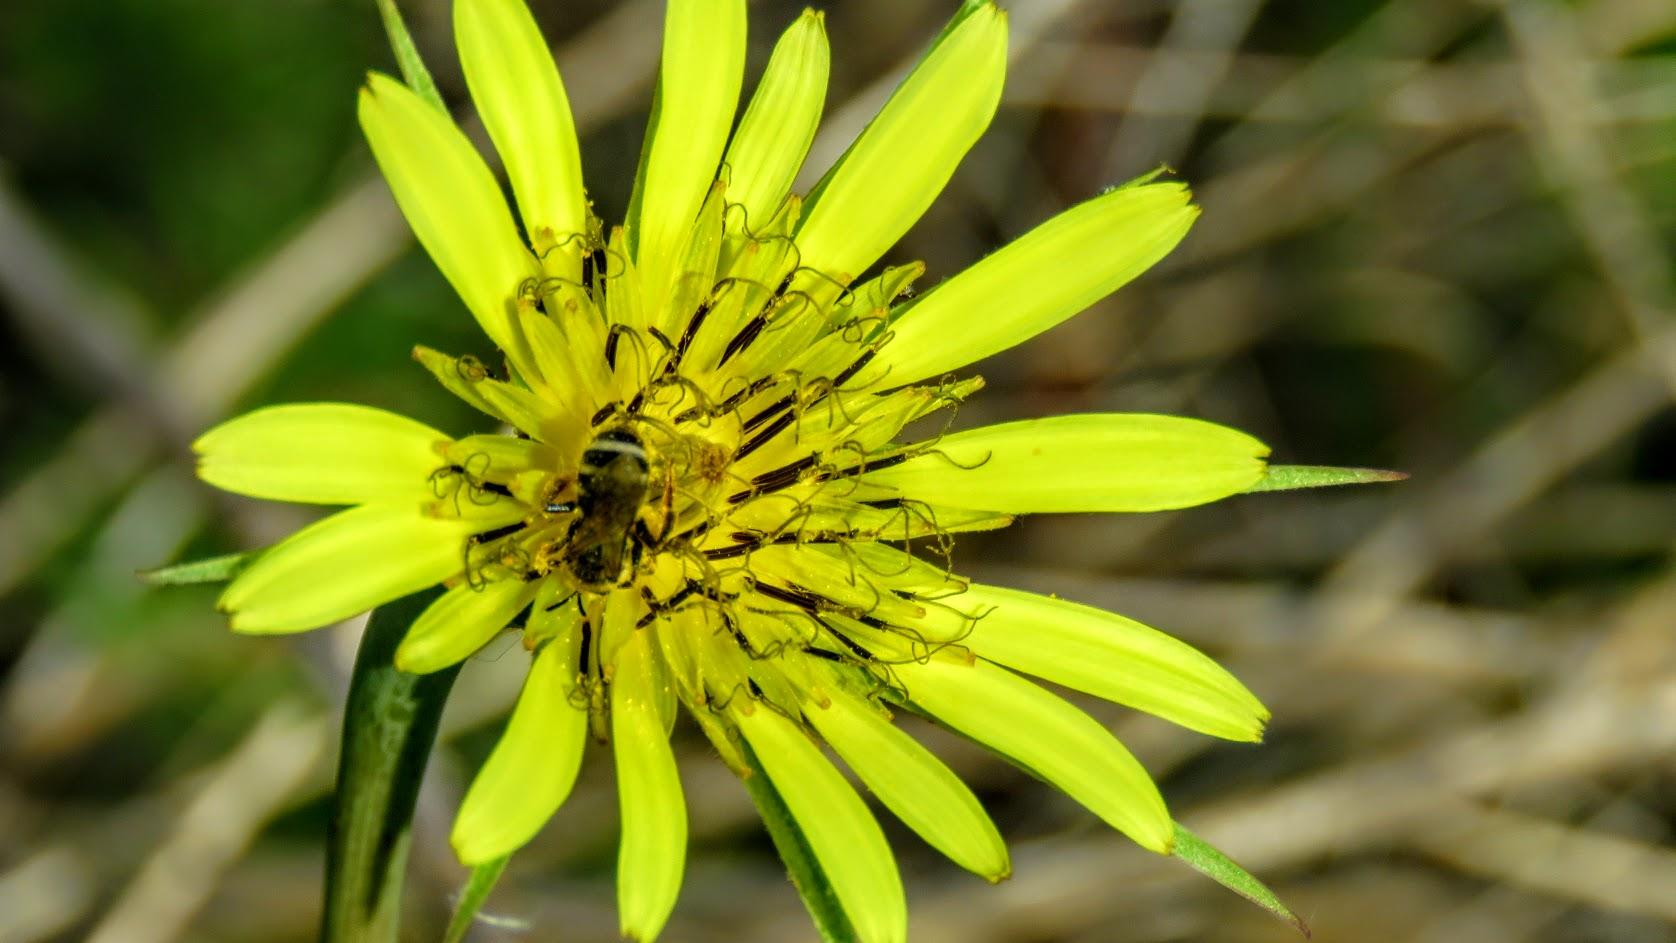 Цветики, птички, маслята и сосновые шишки. Мои припасы на зиму) IMG_6602.jpg